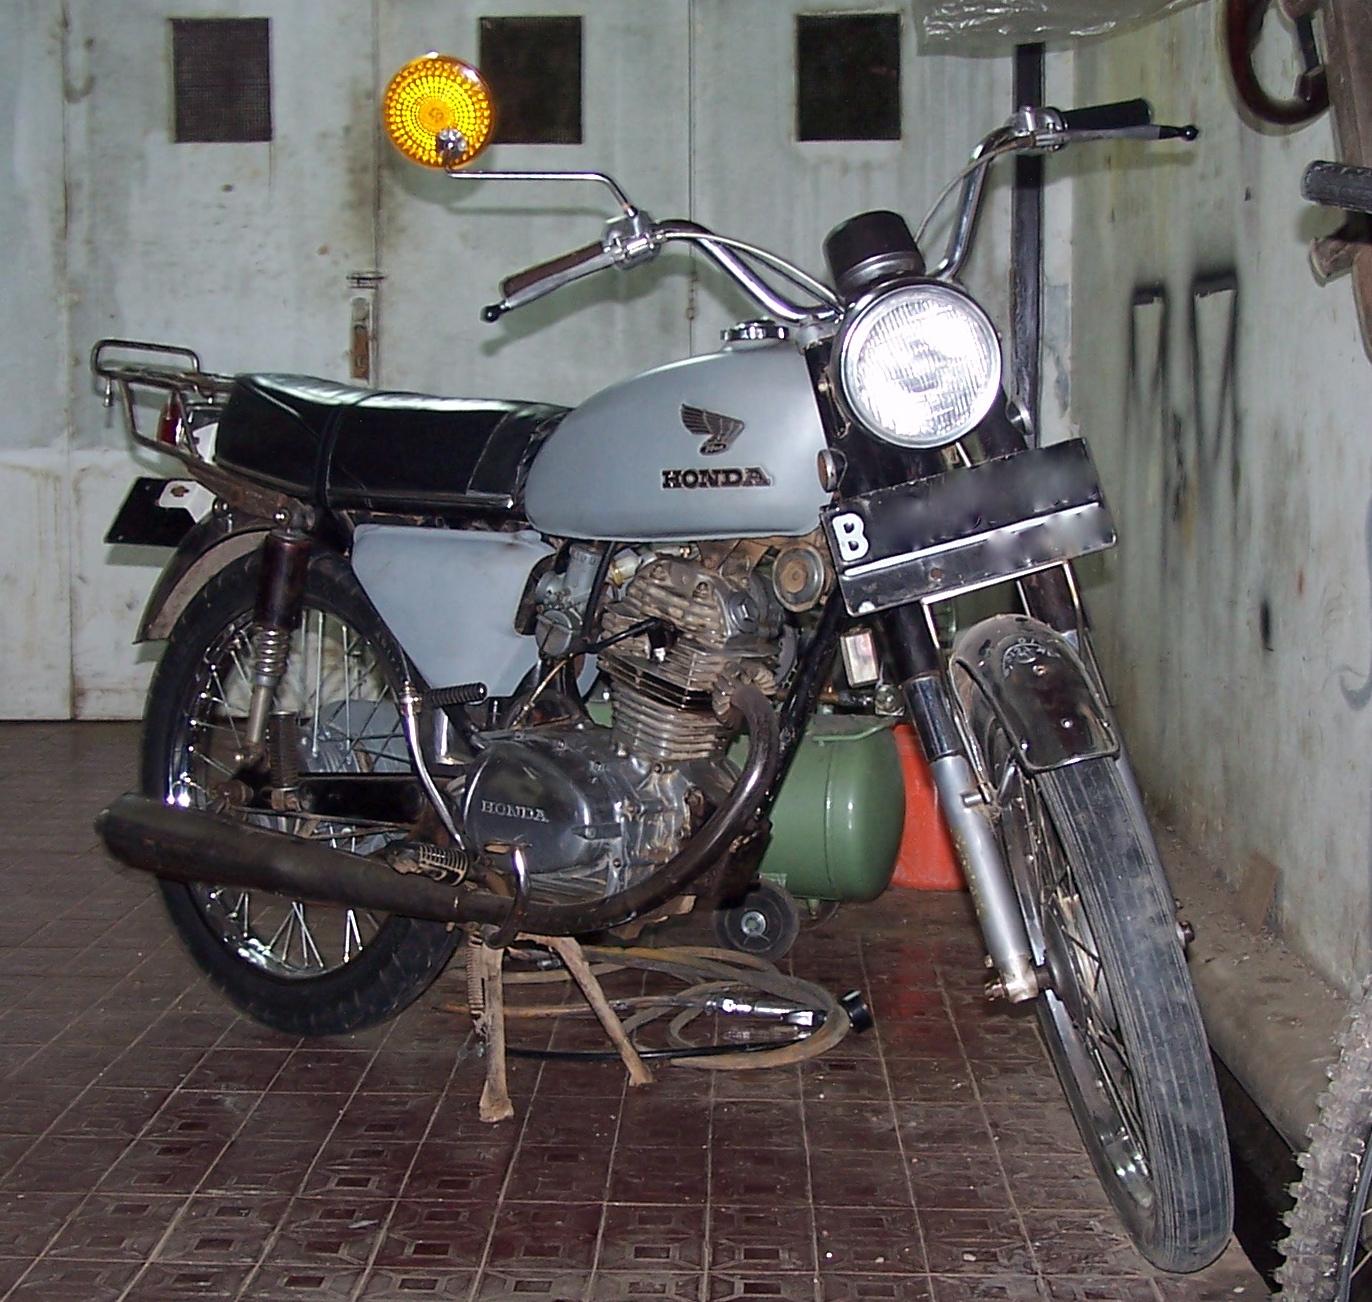 1973 Honda Cb 125 Candy Blue Green Pb 2c S  #5C4B48